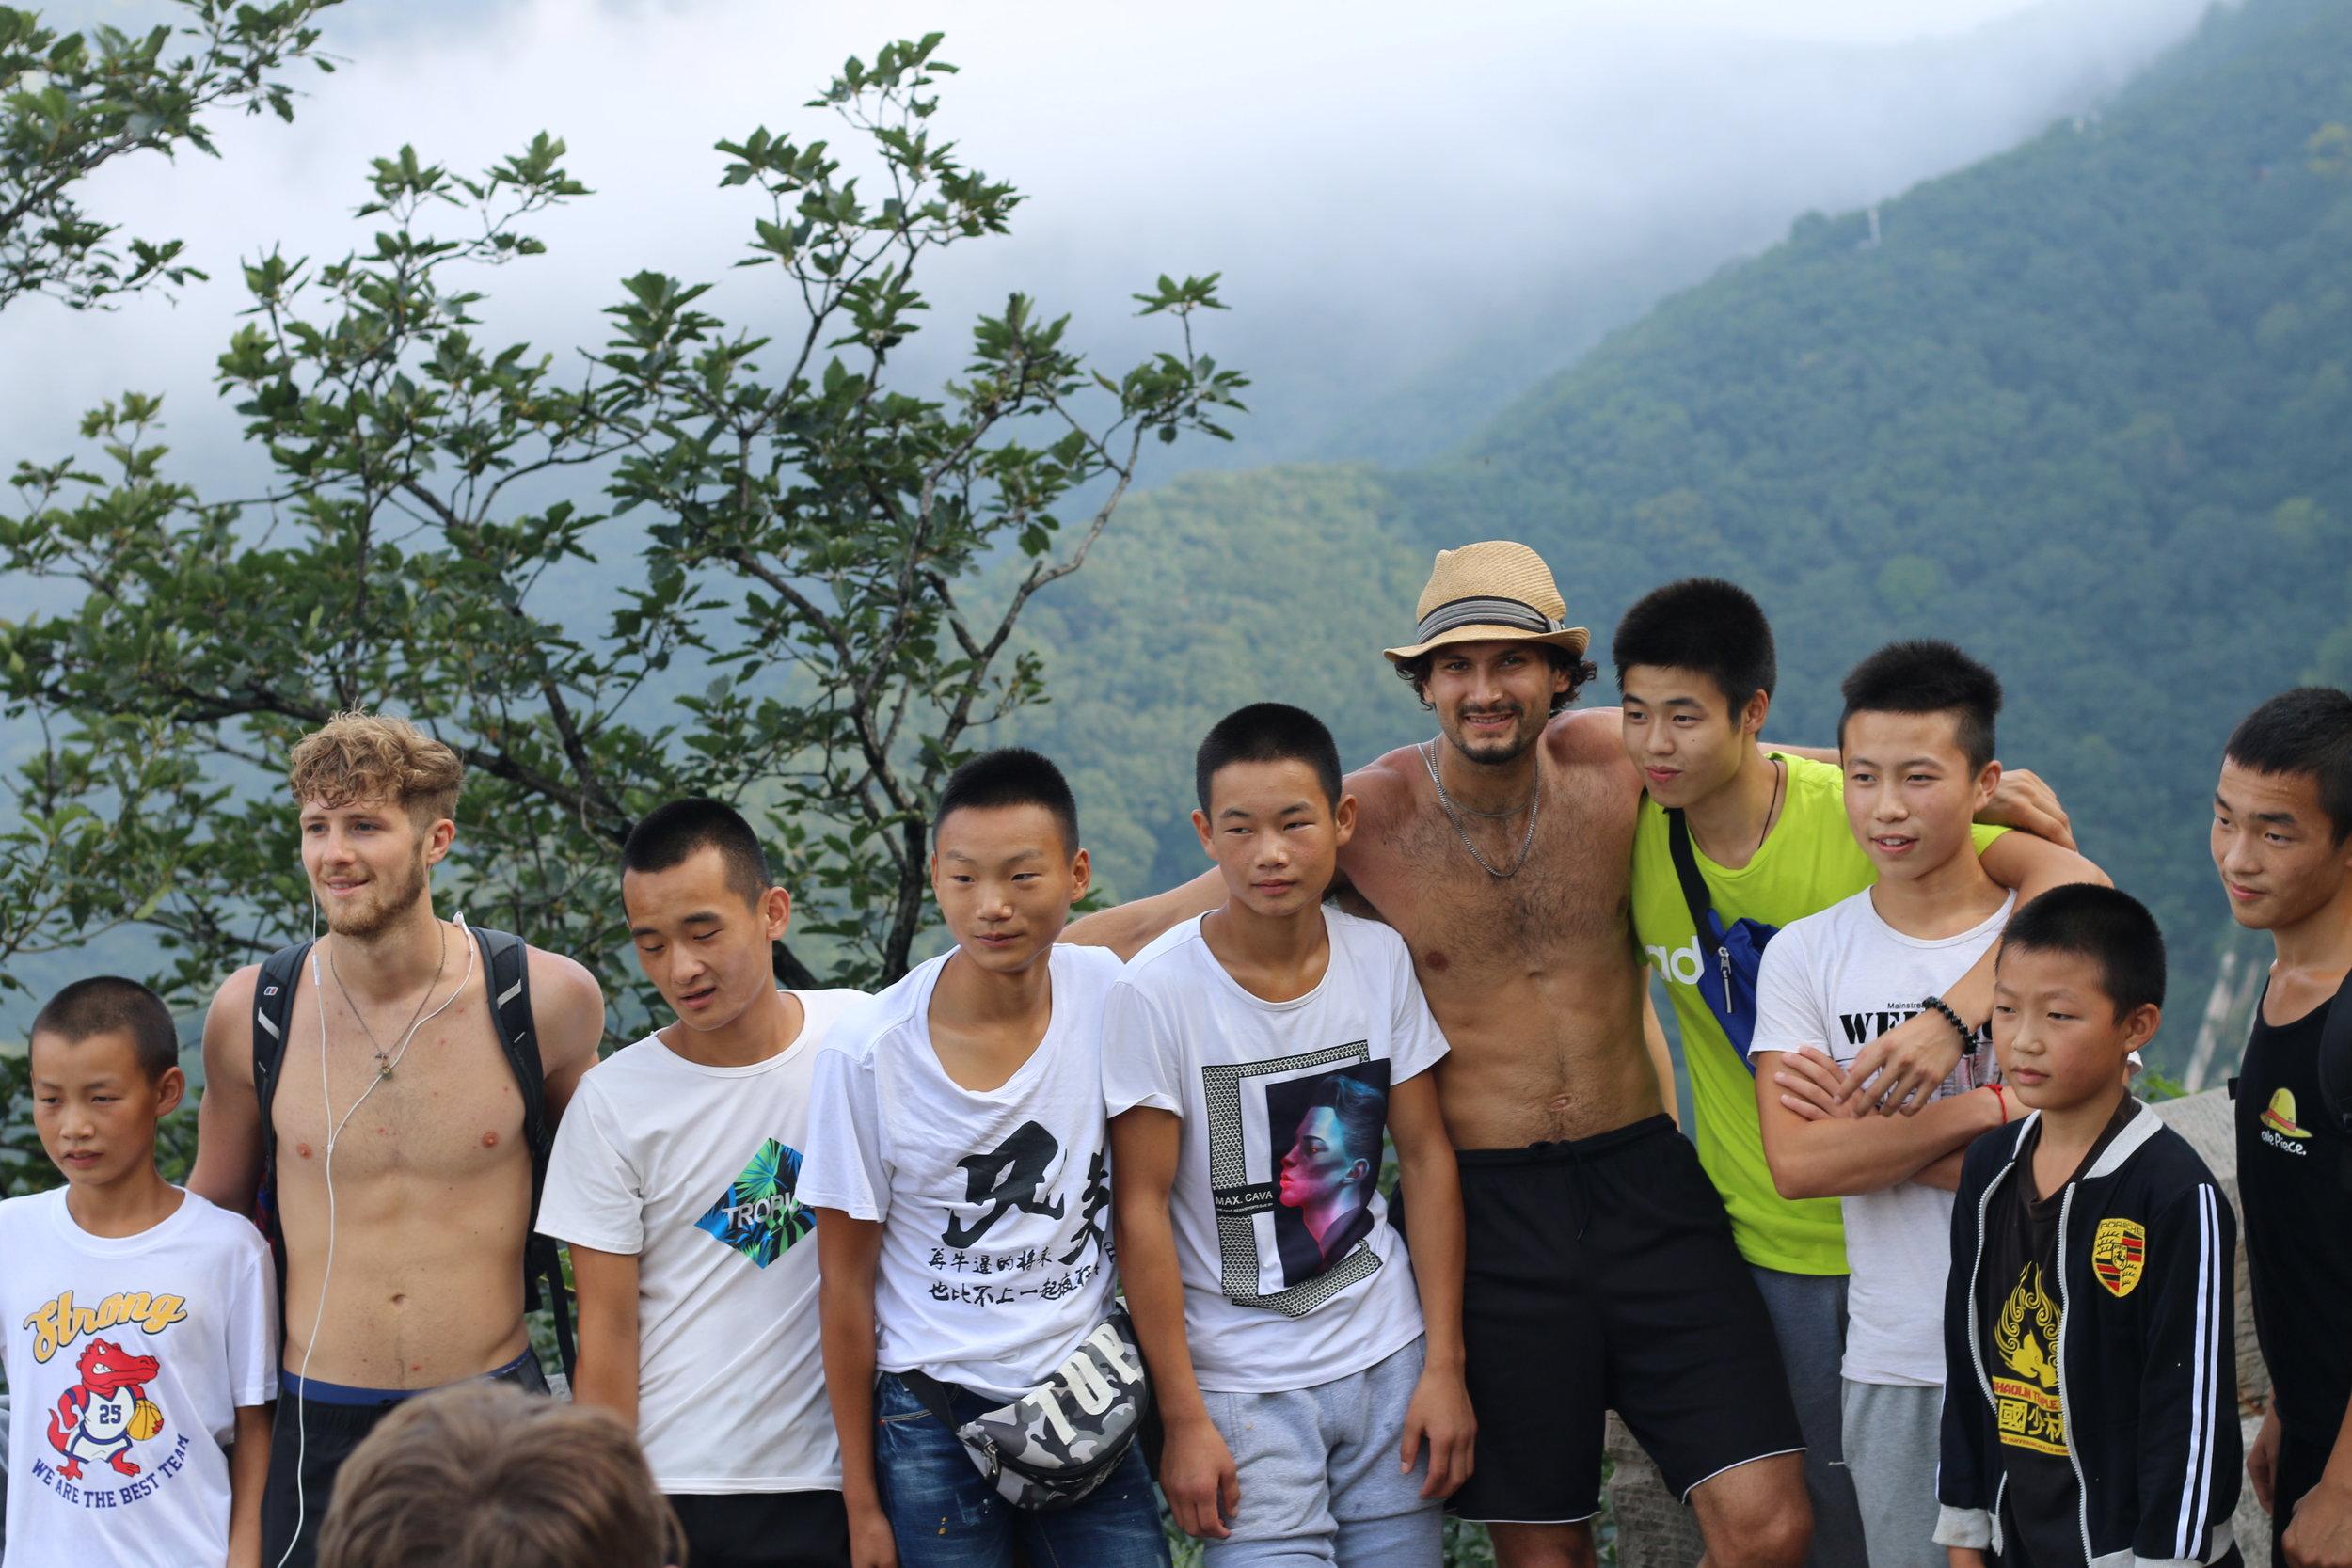 Shaolin summer camp 2016 20.JPG